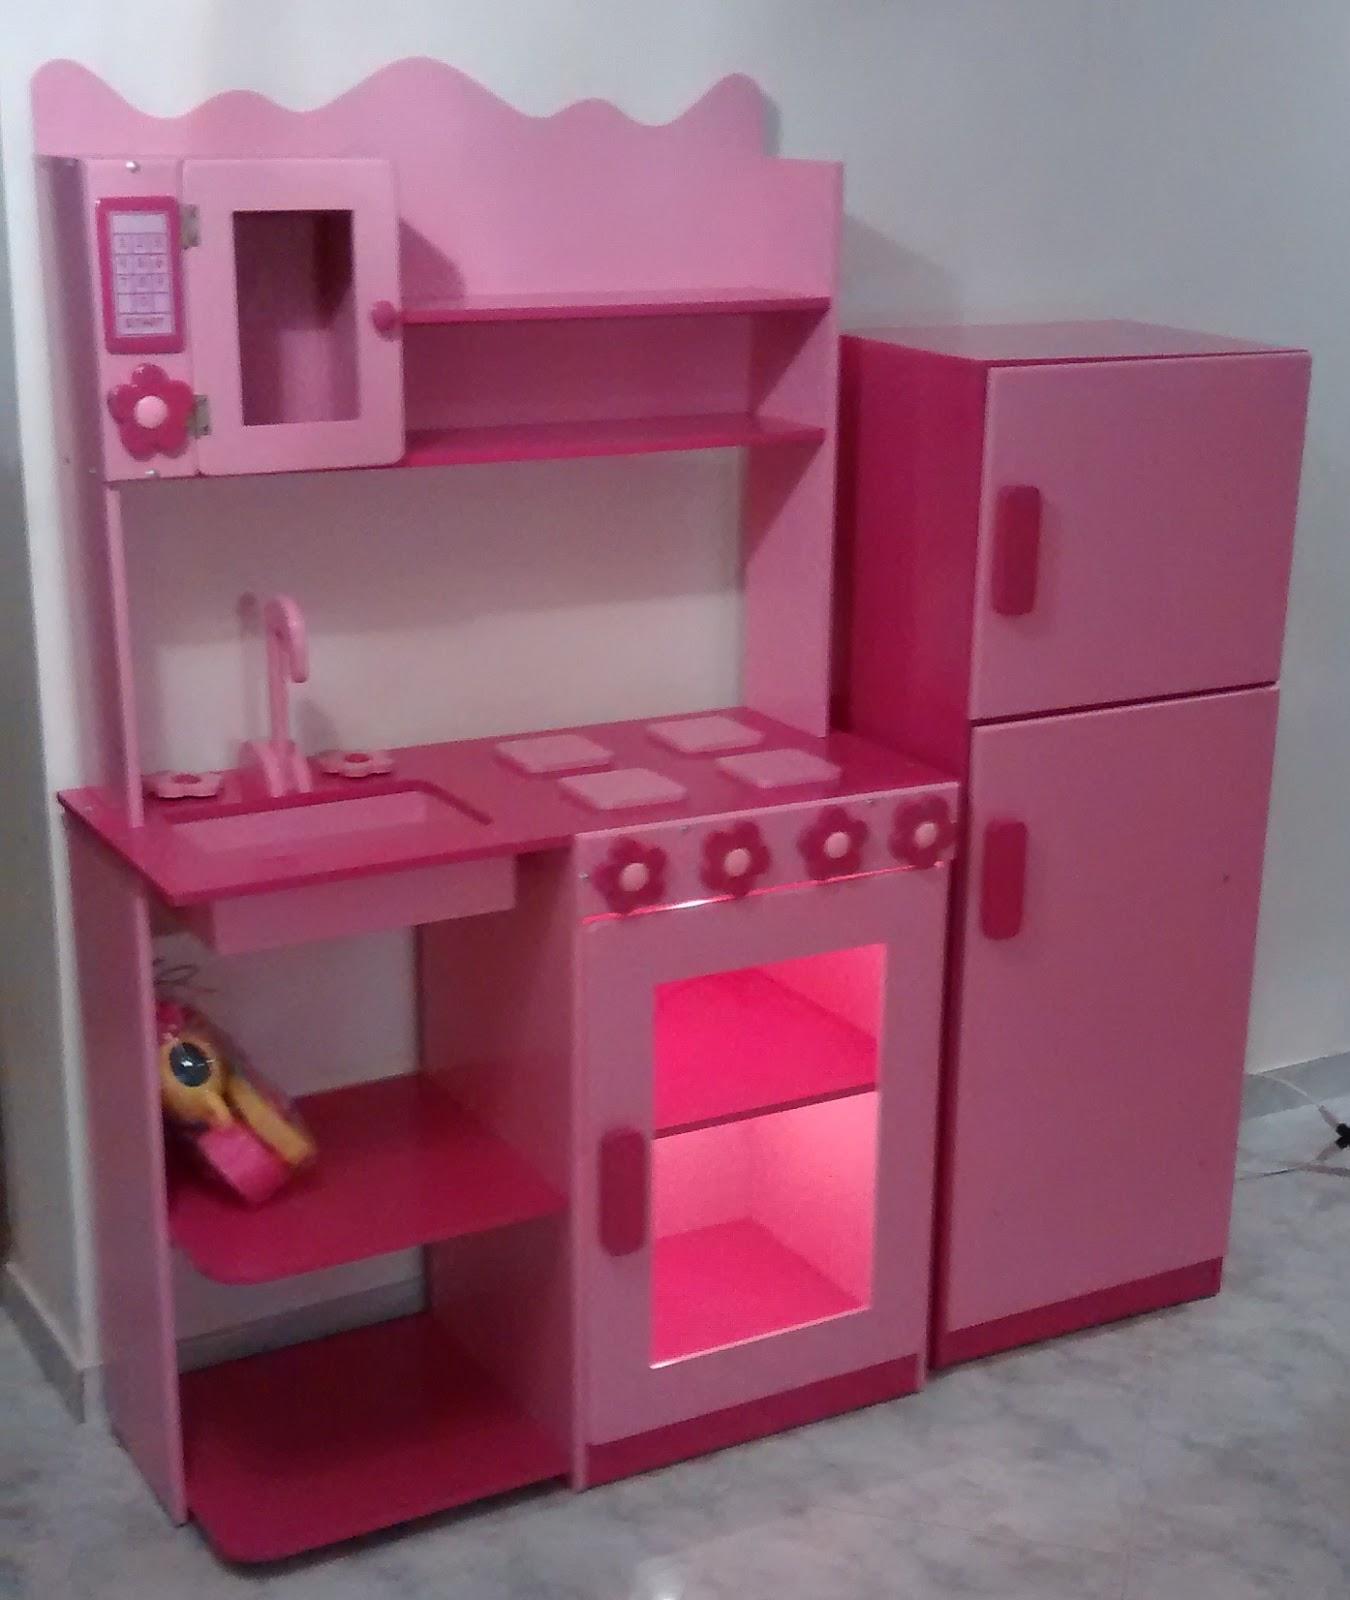 Galeria arte y dise o madekids muebles zona infantil - Muebles para juguetes infantiles ...